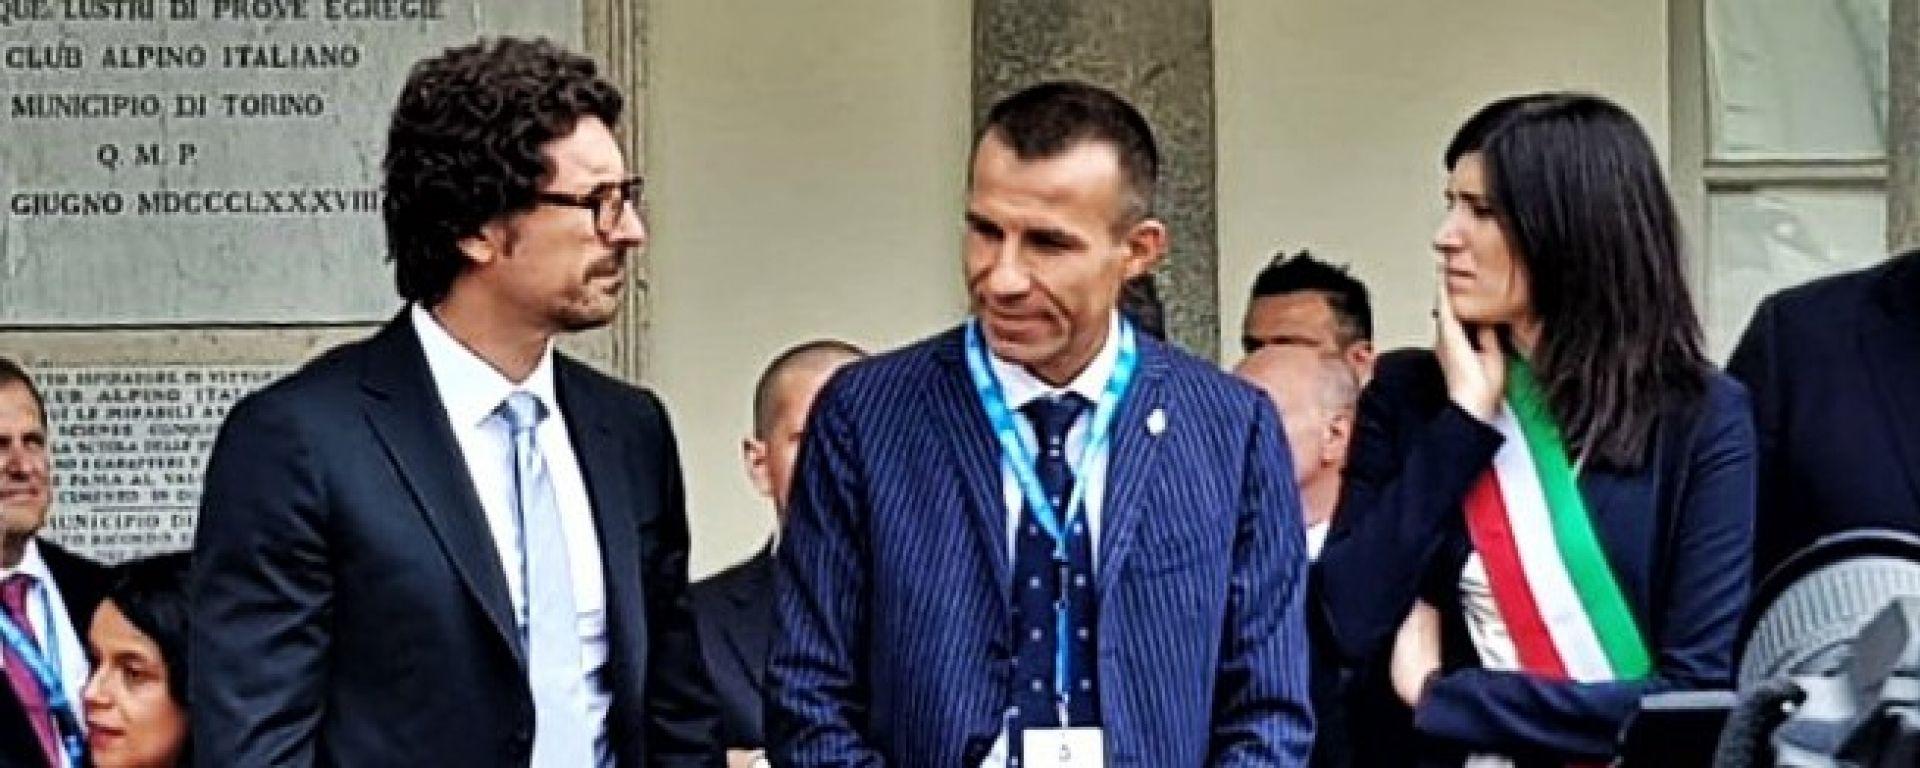 Il Ministro dei Trasporti Danilo Toninelli inaugura il Parco Valentino